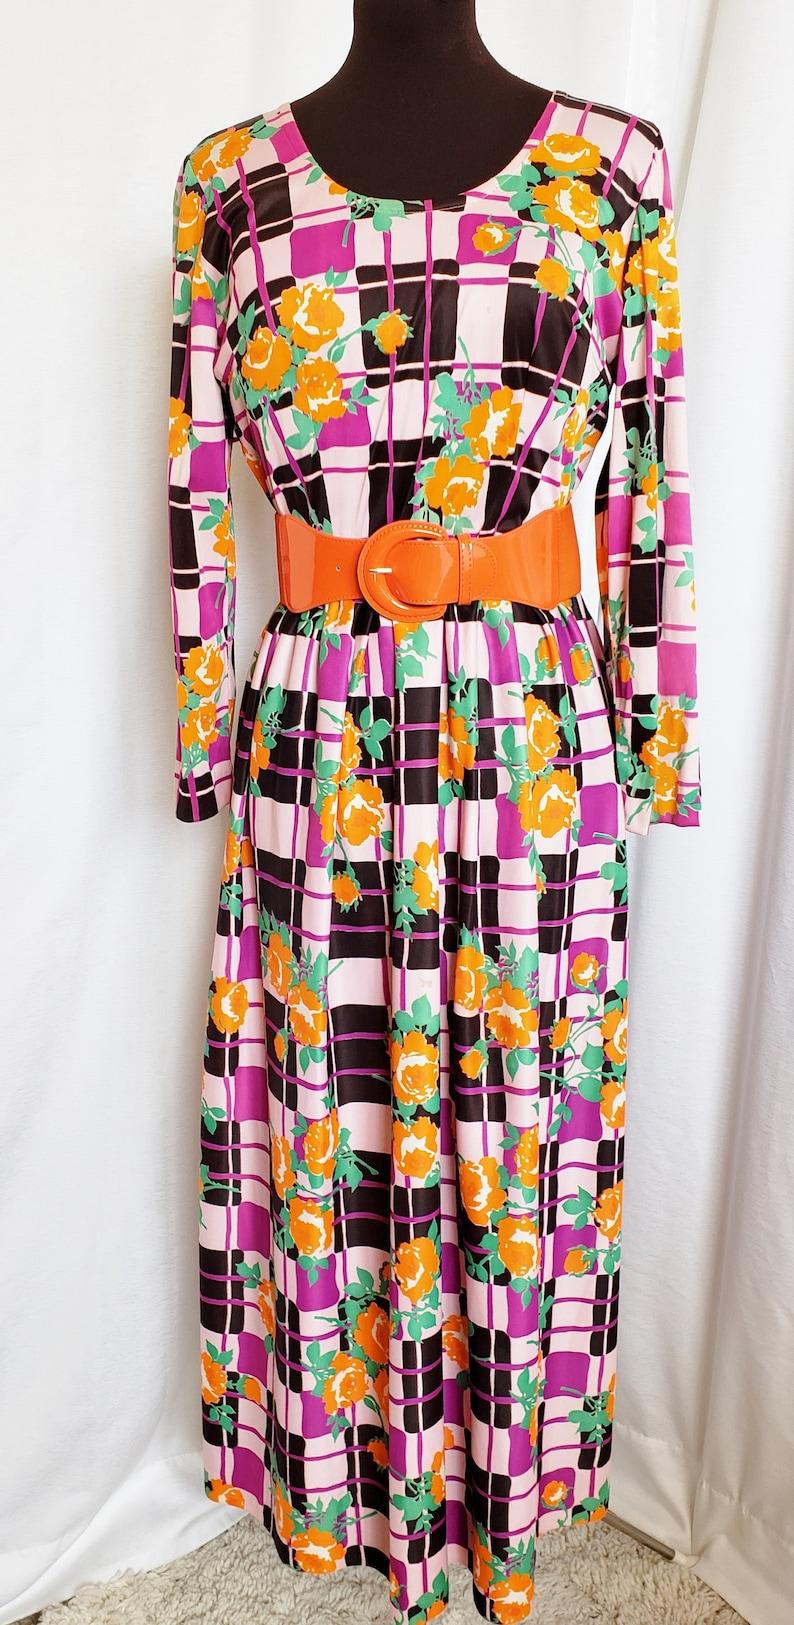 70s Dresses – Disco Dress, Hippie Dress, Wrap Dress So Sensationally Smashing SIXTIES Maxi!! 1960s SophisticatedLaRue $74.00 AT vintagedancer.com